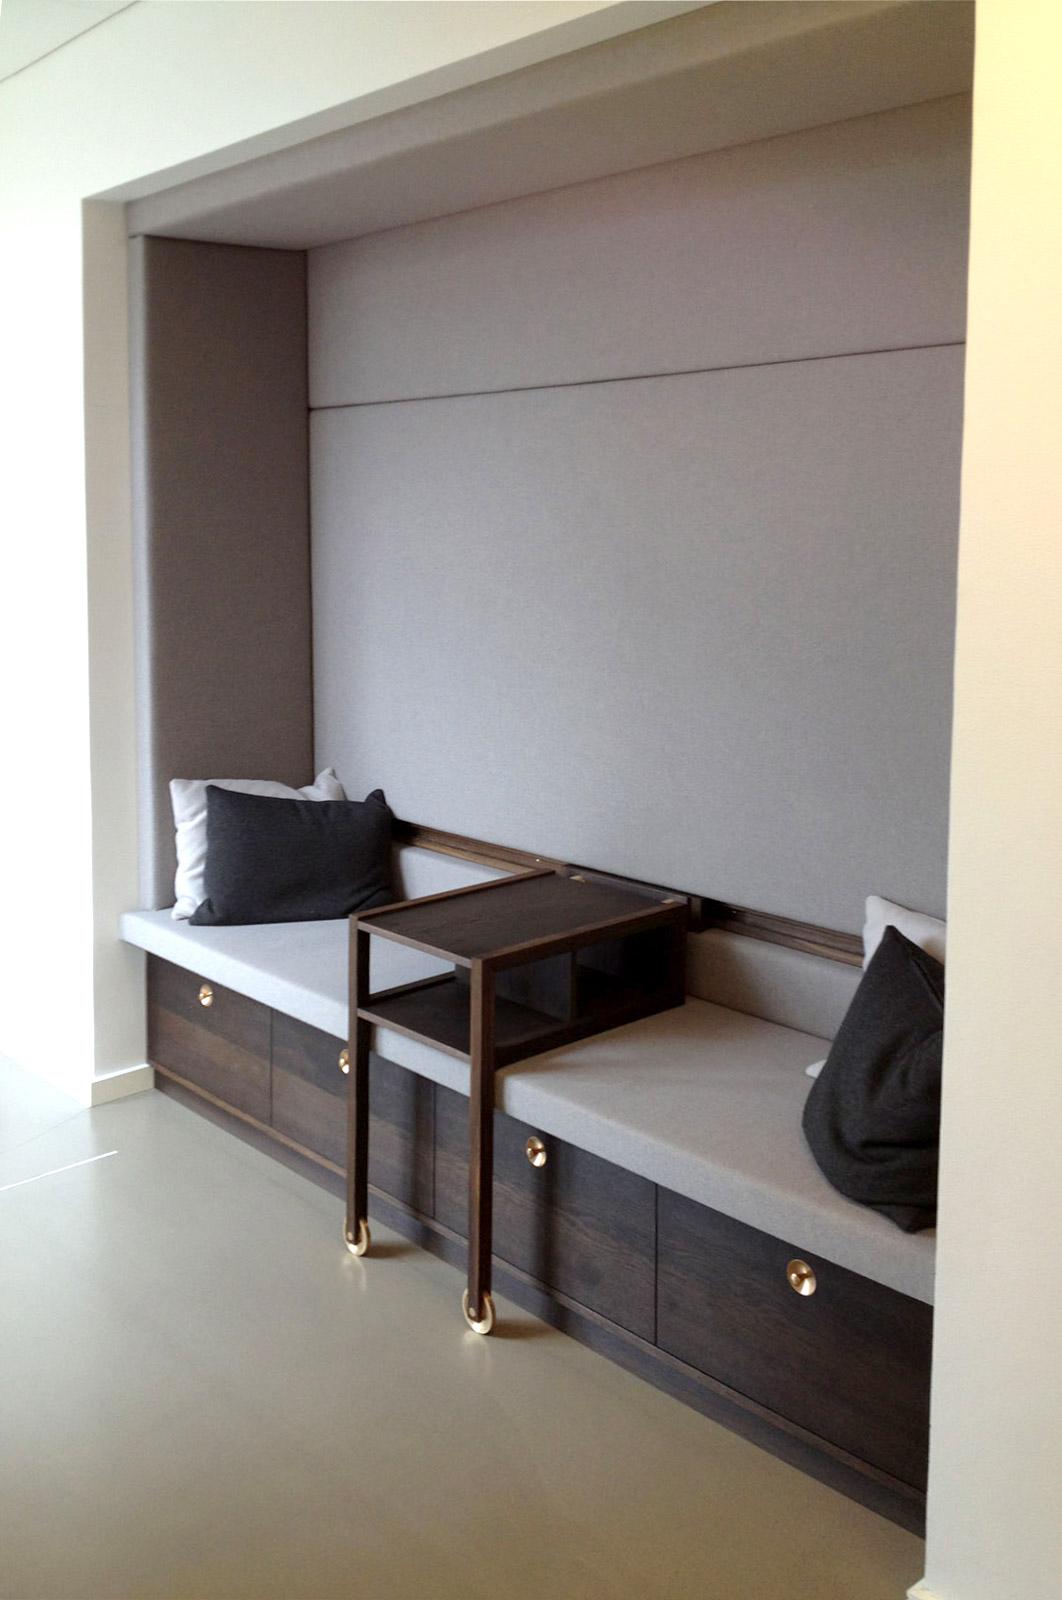 Et billede af en blandt mange siddemuligheder. Her er en, hvor der ekstra er arbejdet med akustikken. Den tilbagetrukne sofa skaber en niche, hvor man kan have en privat samtale.